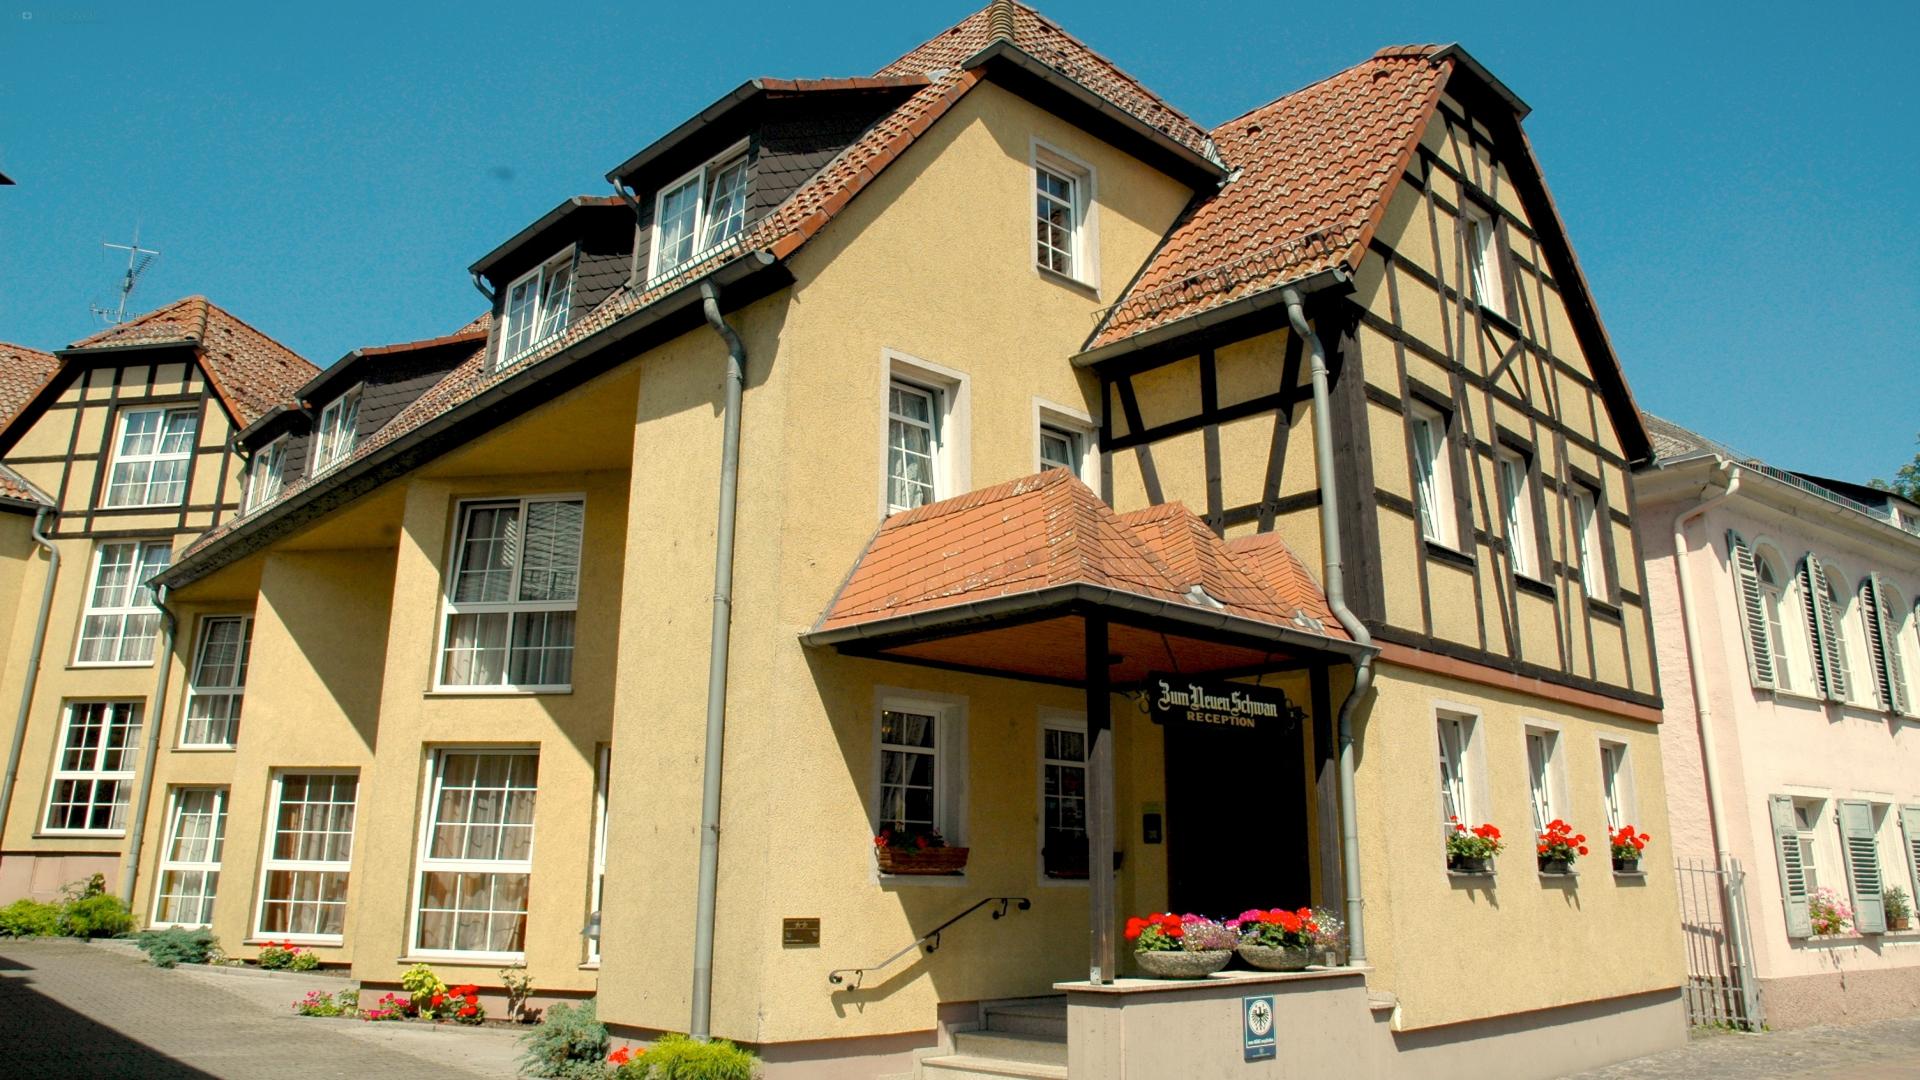 Hotel Zum Neuen Schwan 0